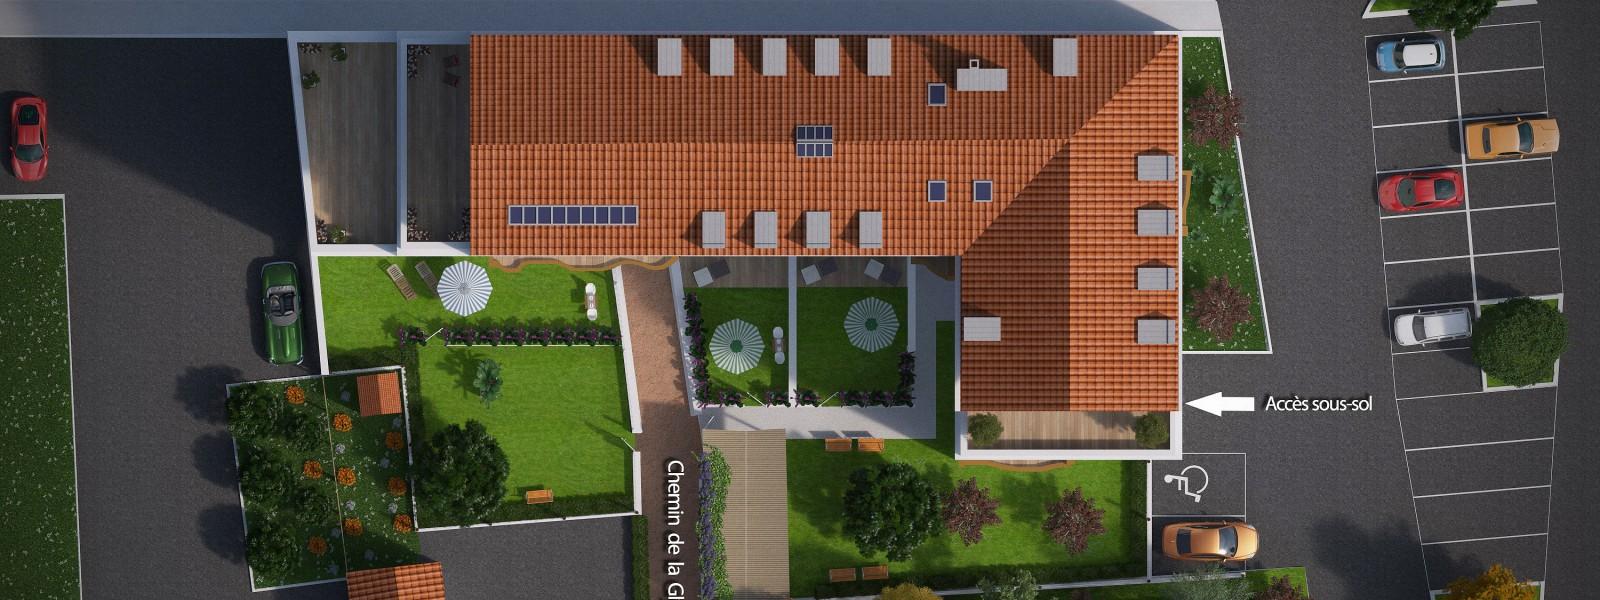 LES GLYCINES DE FERNEX - Visuel 4 - Impact immobilier 01